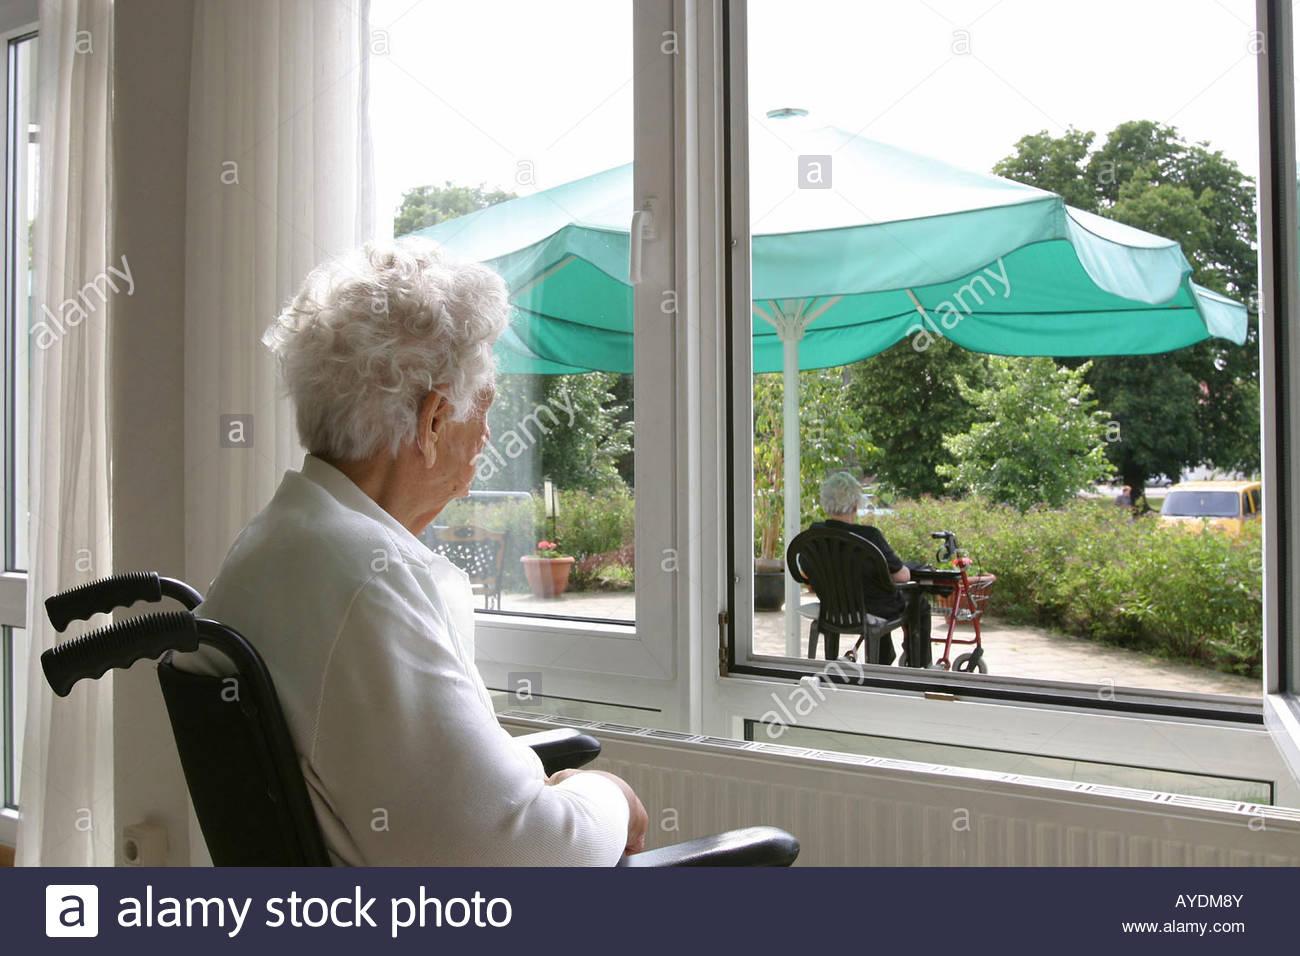 Mulher de idade em uma cadeira de rodas olhando através de uma janela Imagens de Stock